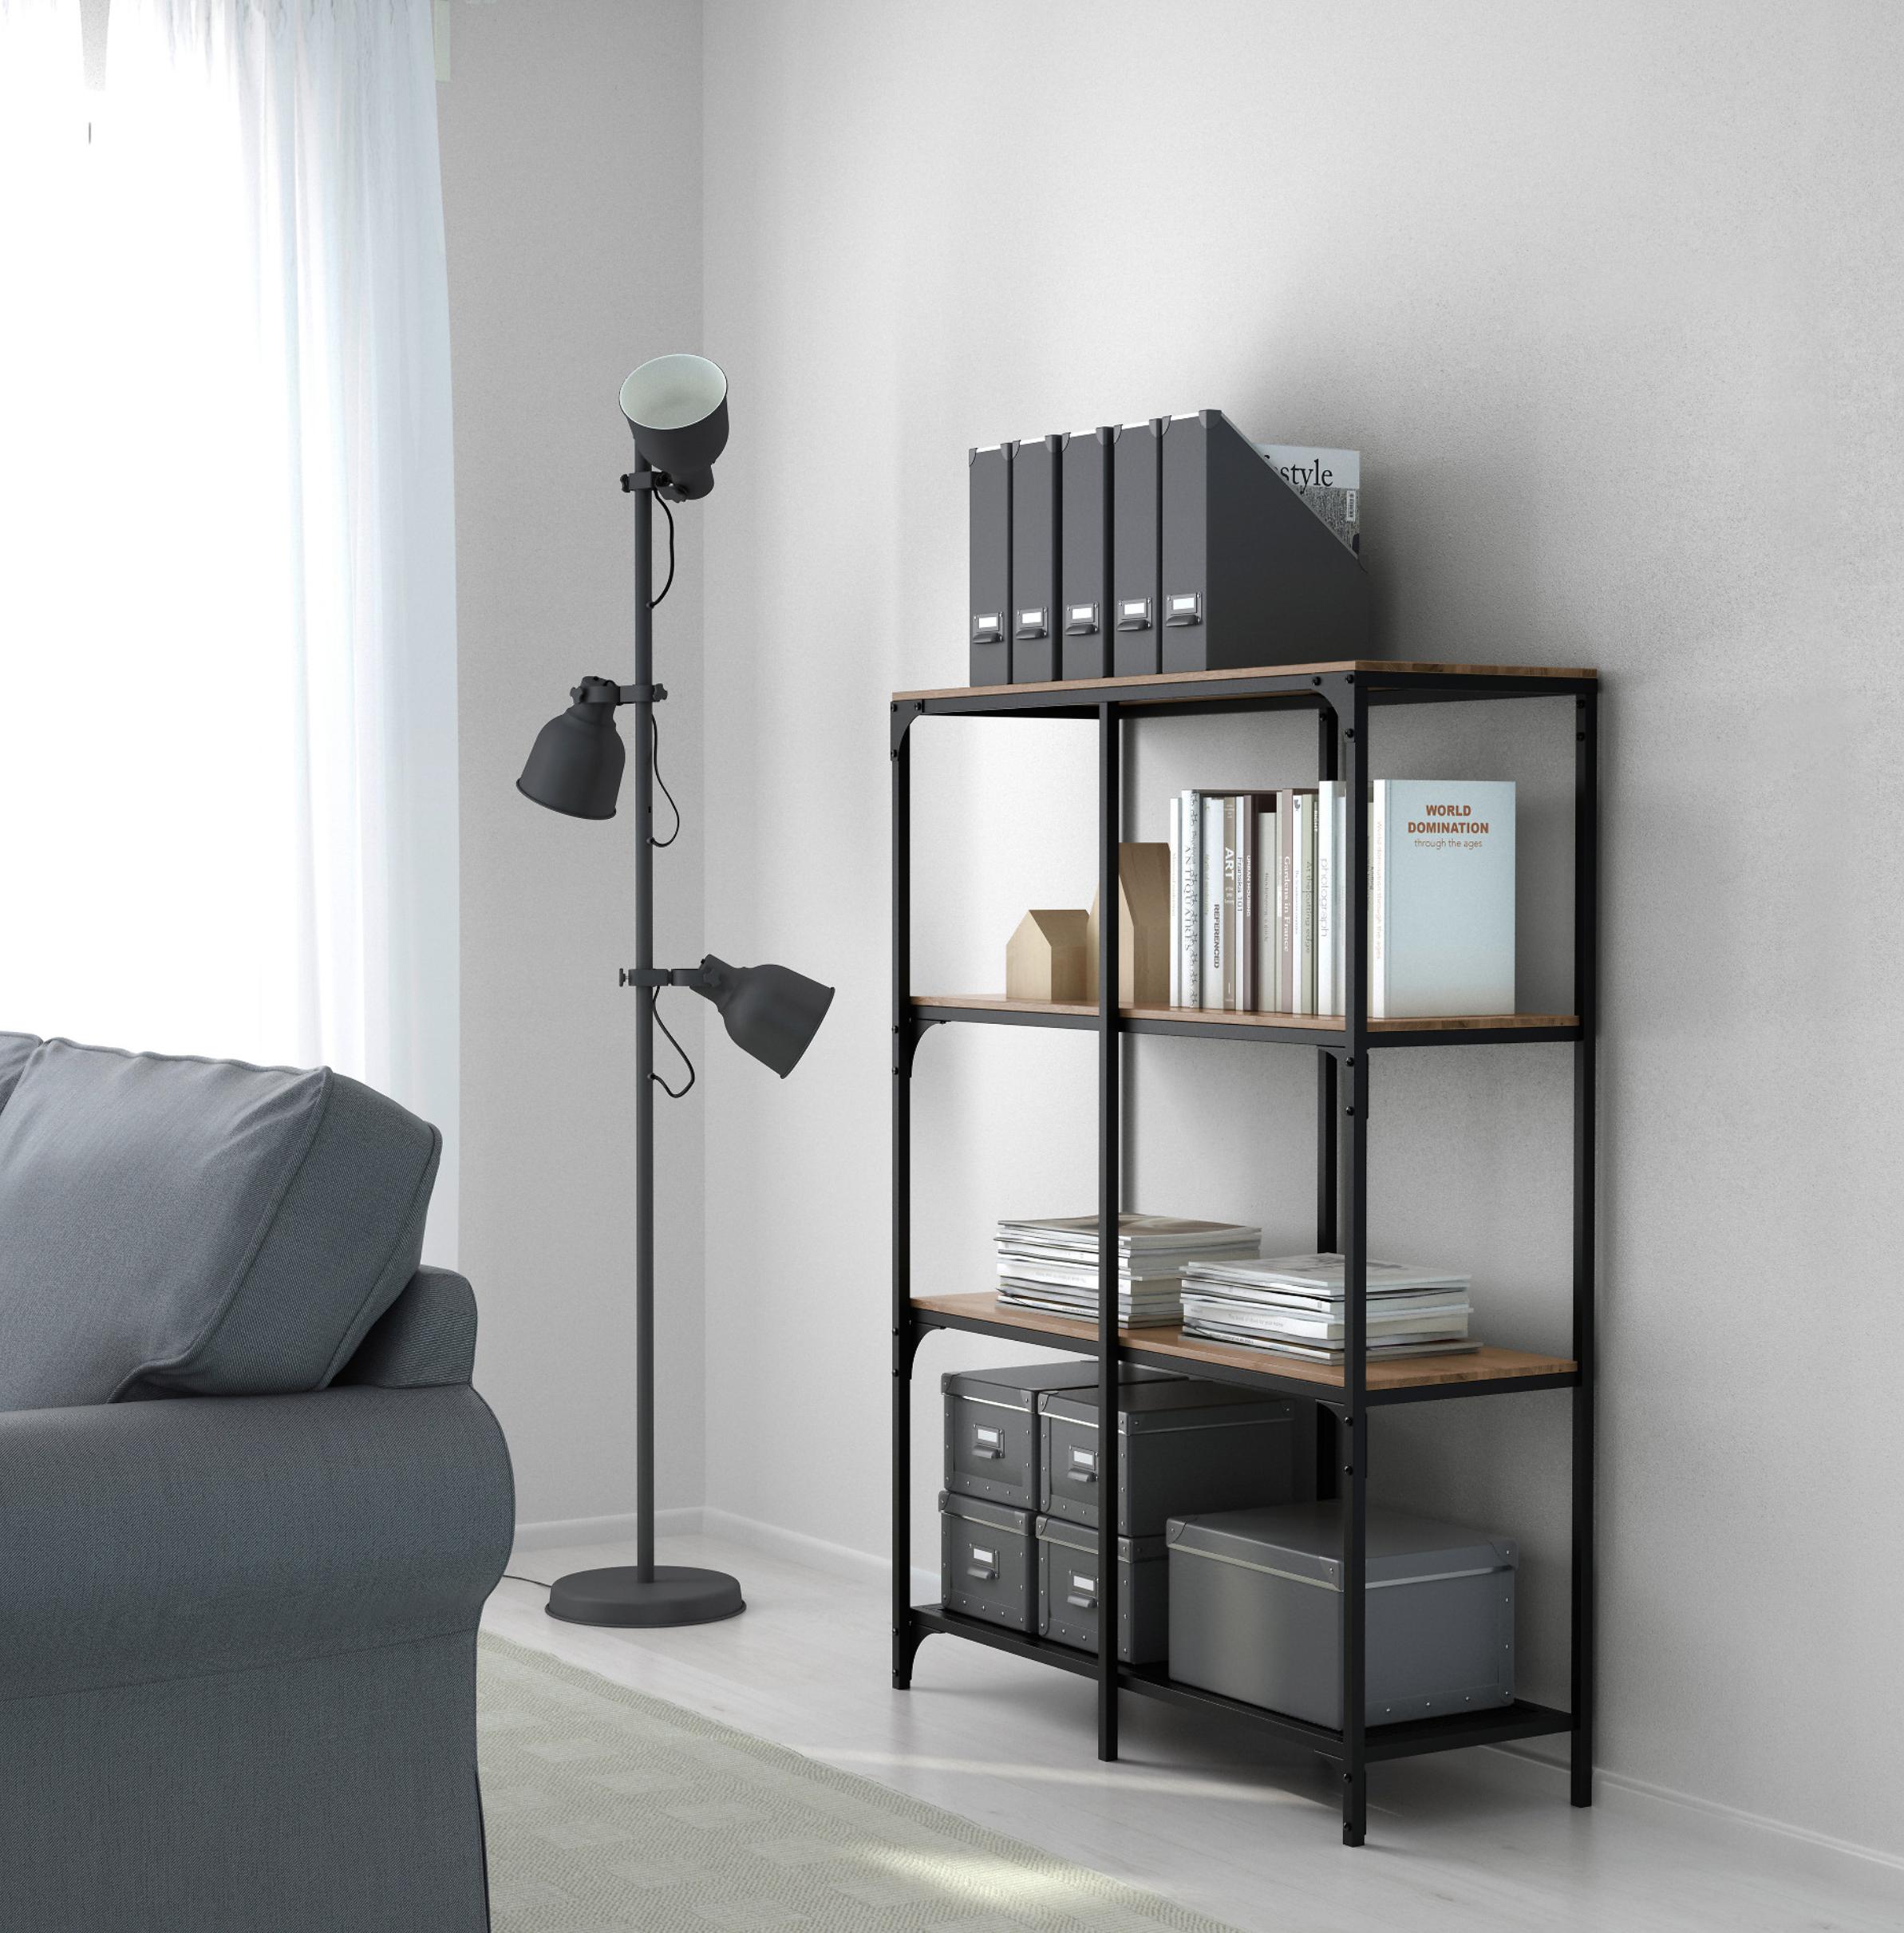 Fjallbo Shelf Unit Black 39 3 8x53 1 2 Ikea Shelving Unit Shelving Ikea